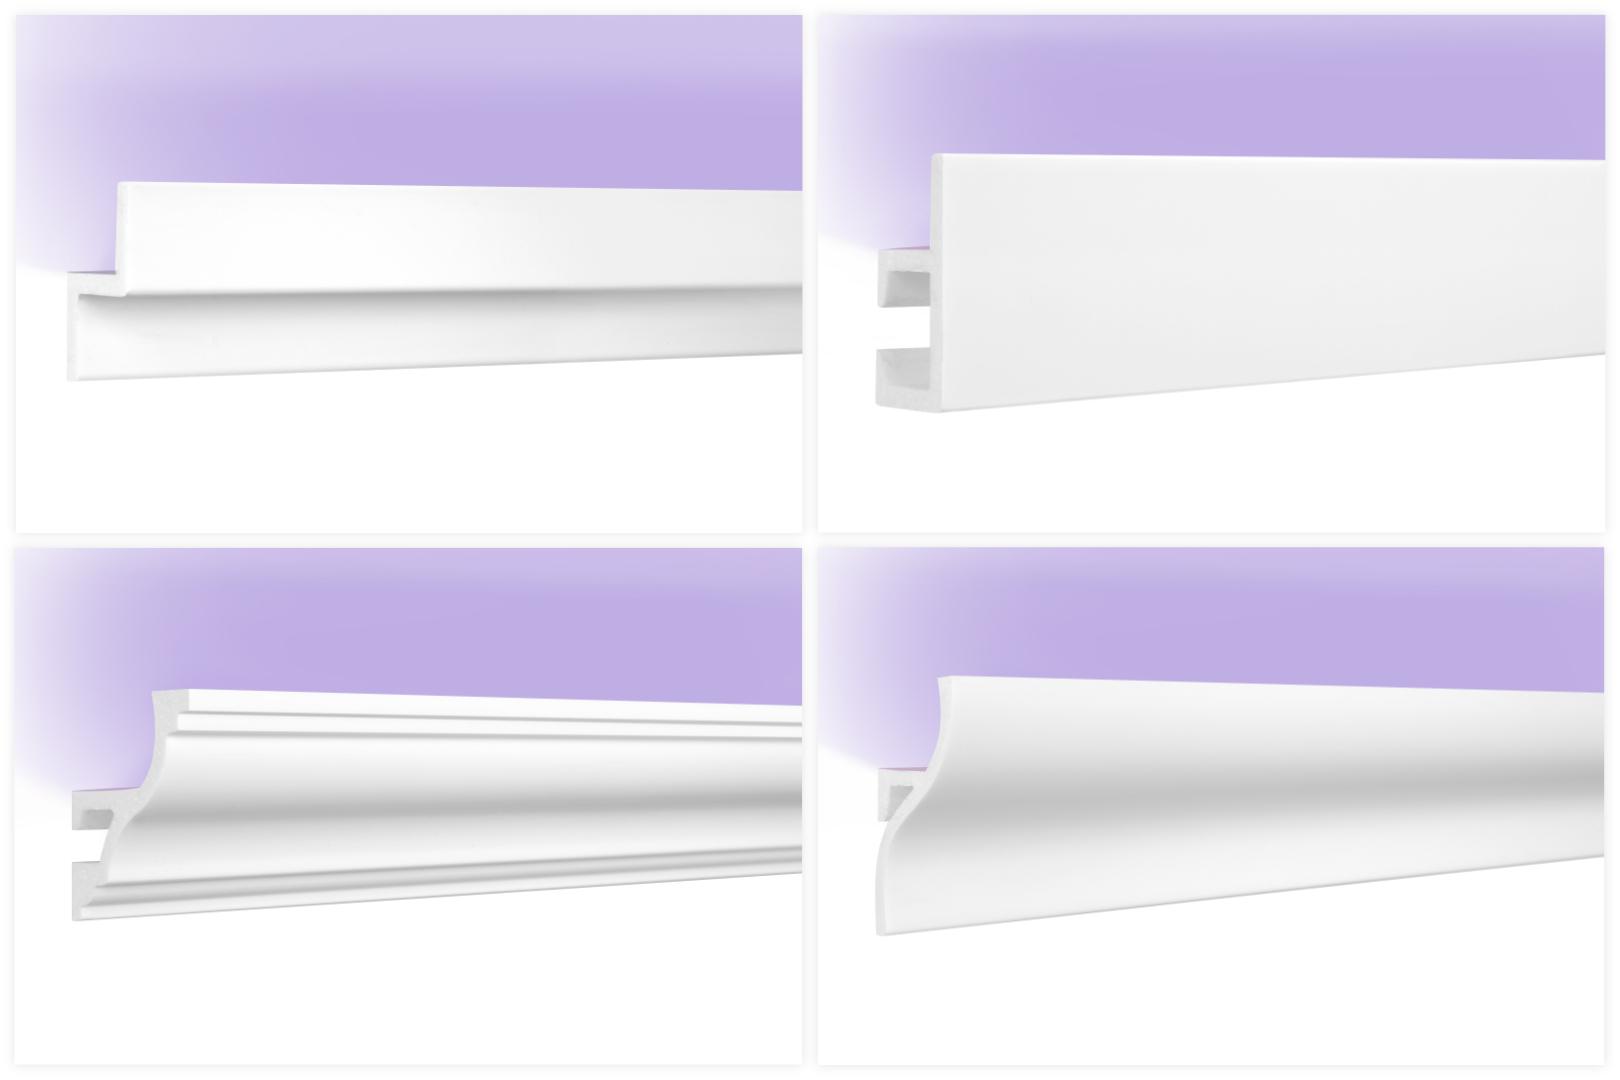 LED Stuckleisten aus HDPS Styropor - extrem widerstandsfähig, schneeweiß & modern